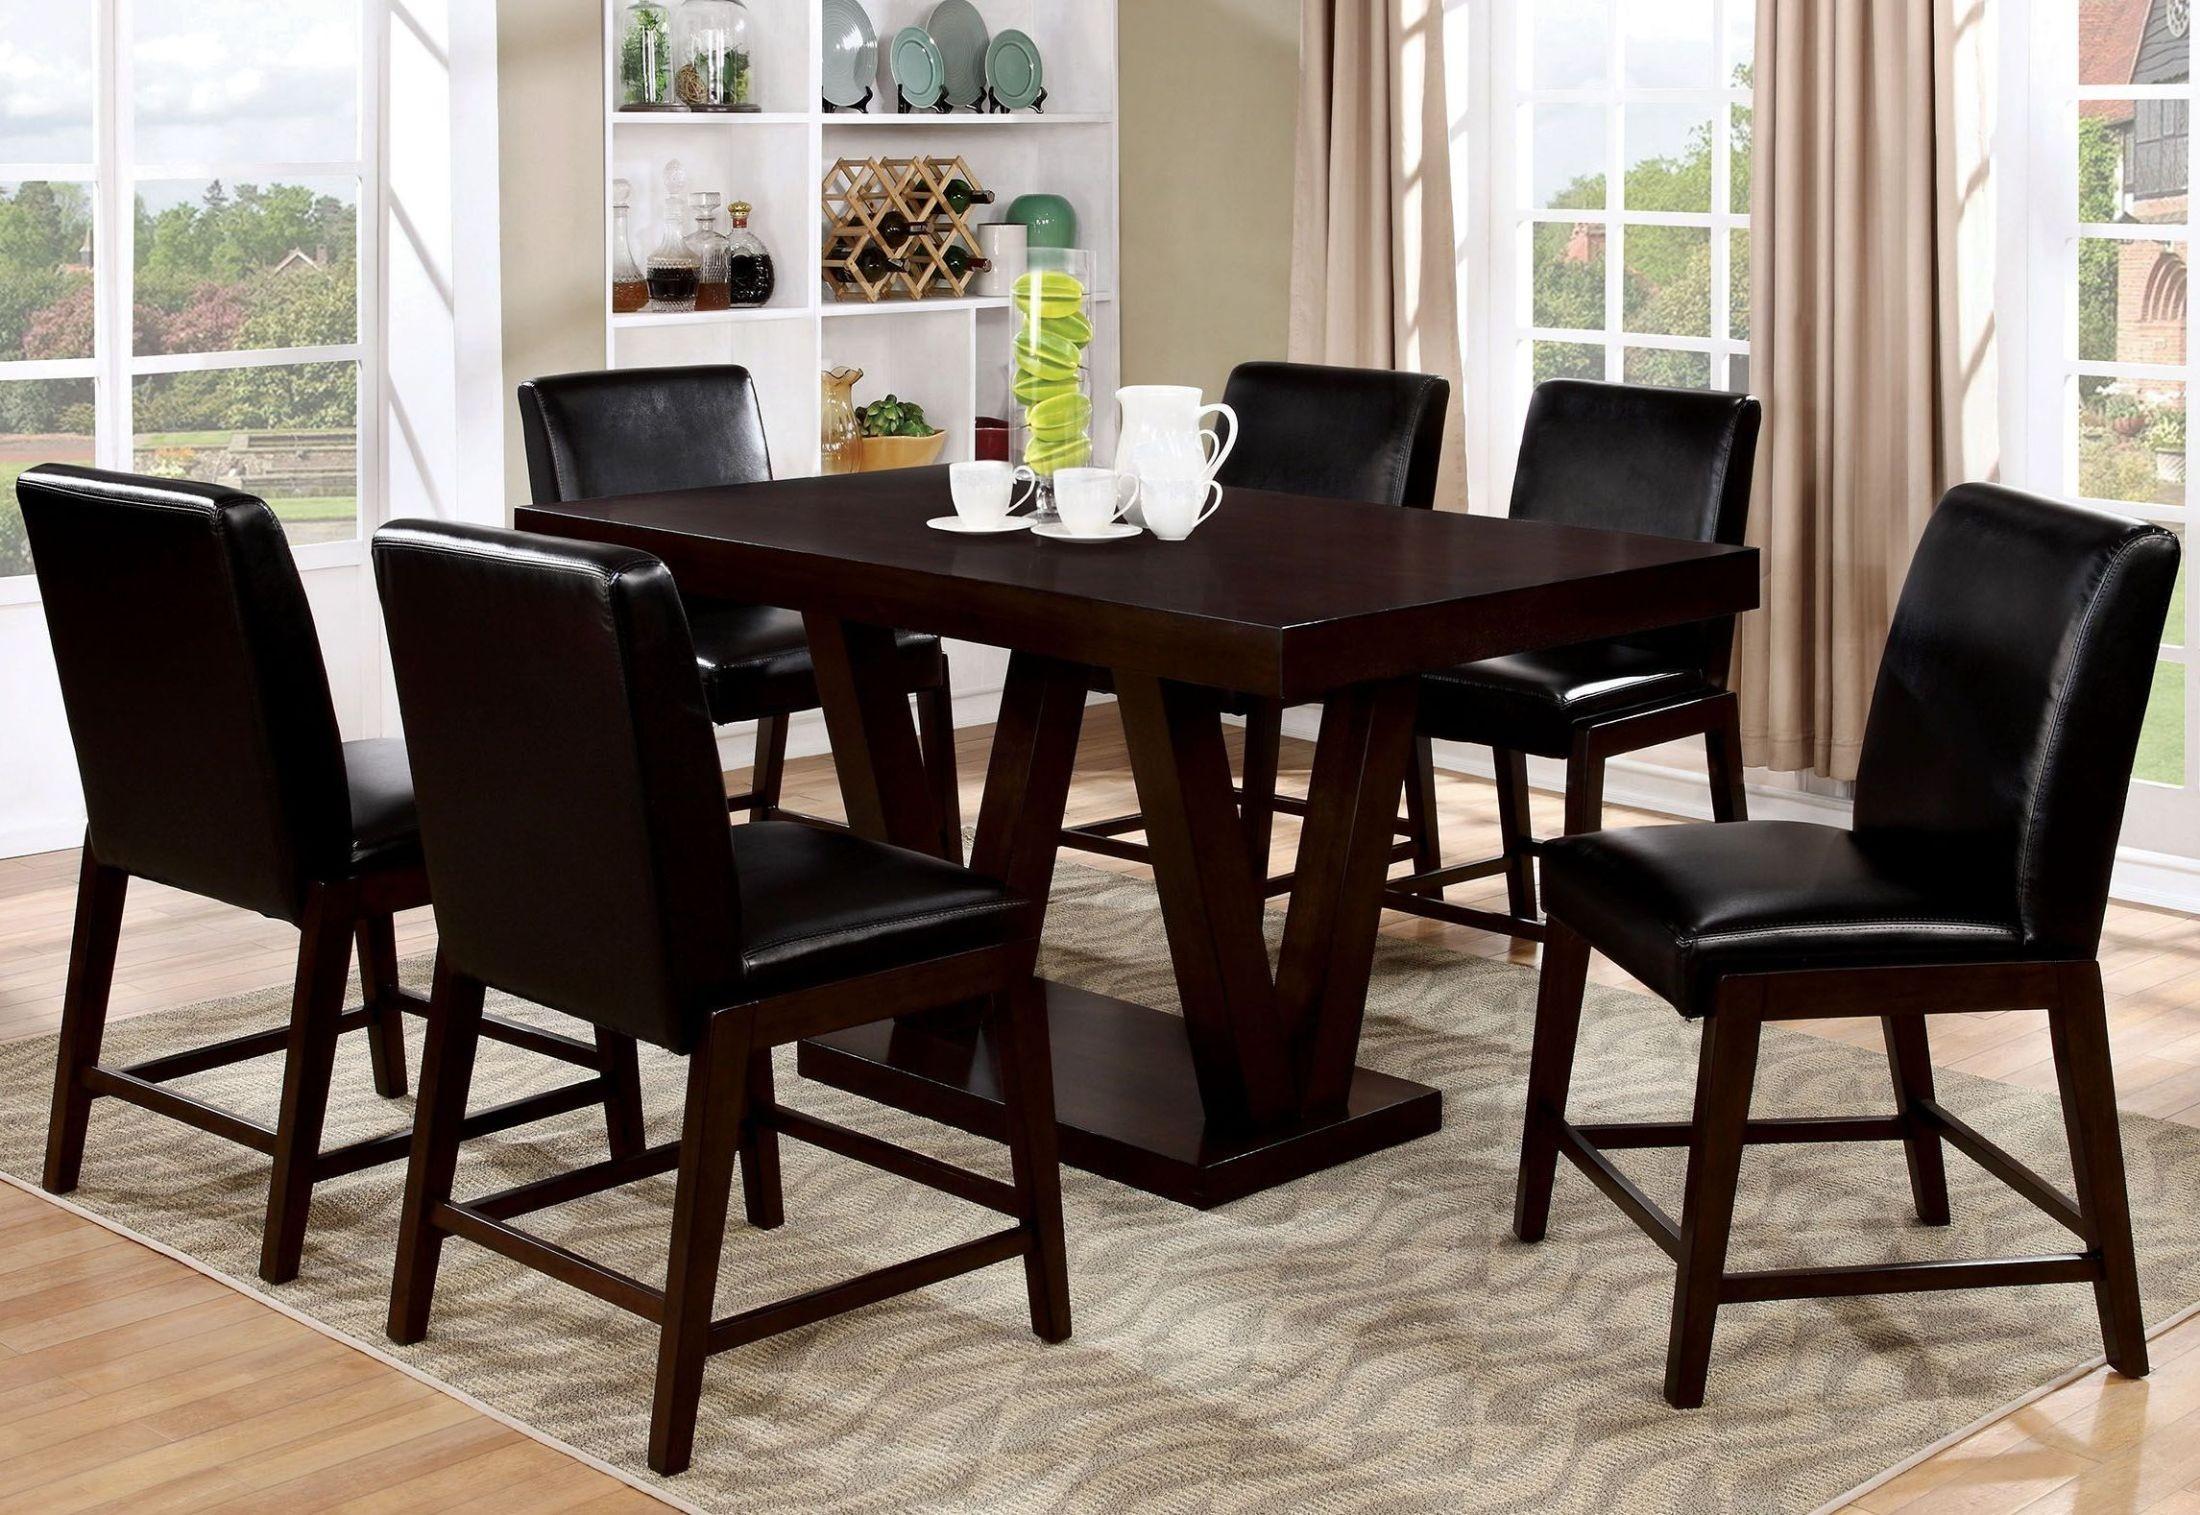 belinda ii espresso counter height dining room set